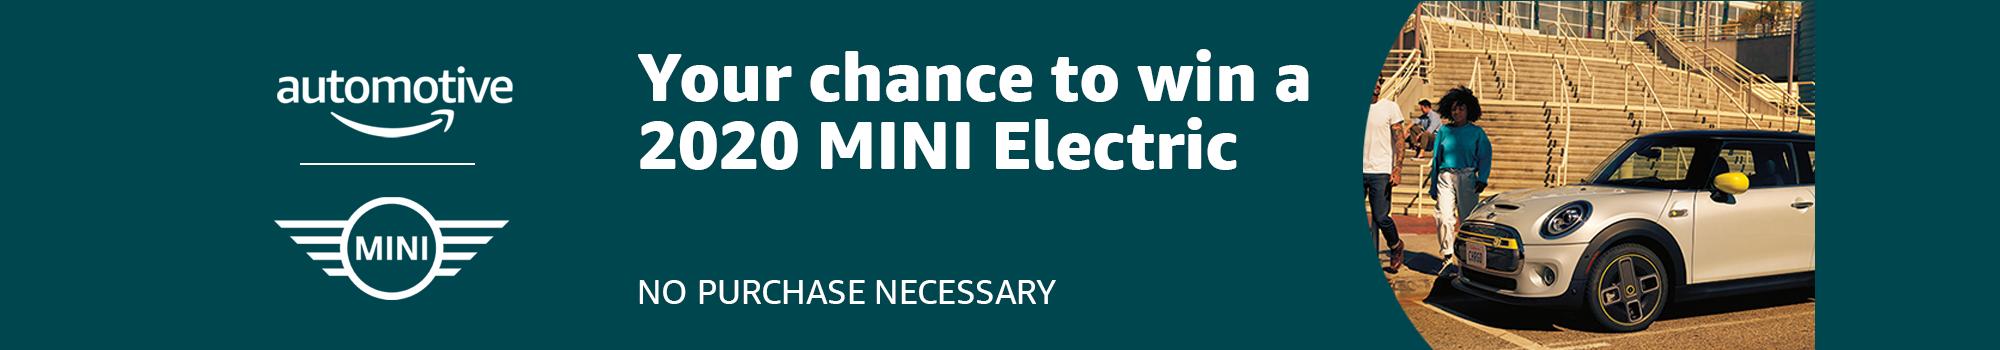 MINI Electric 2020 Giveaway